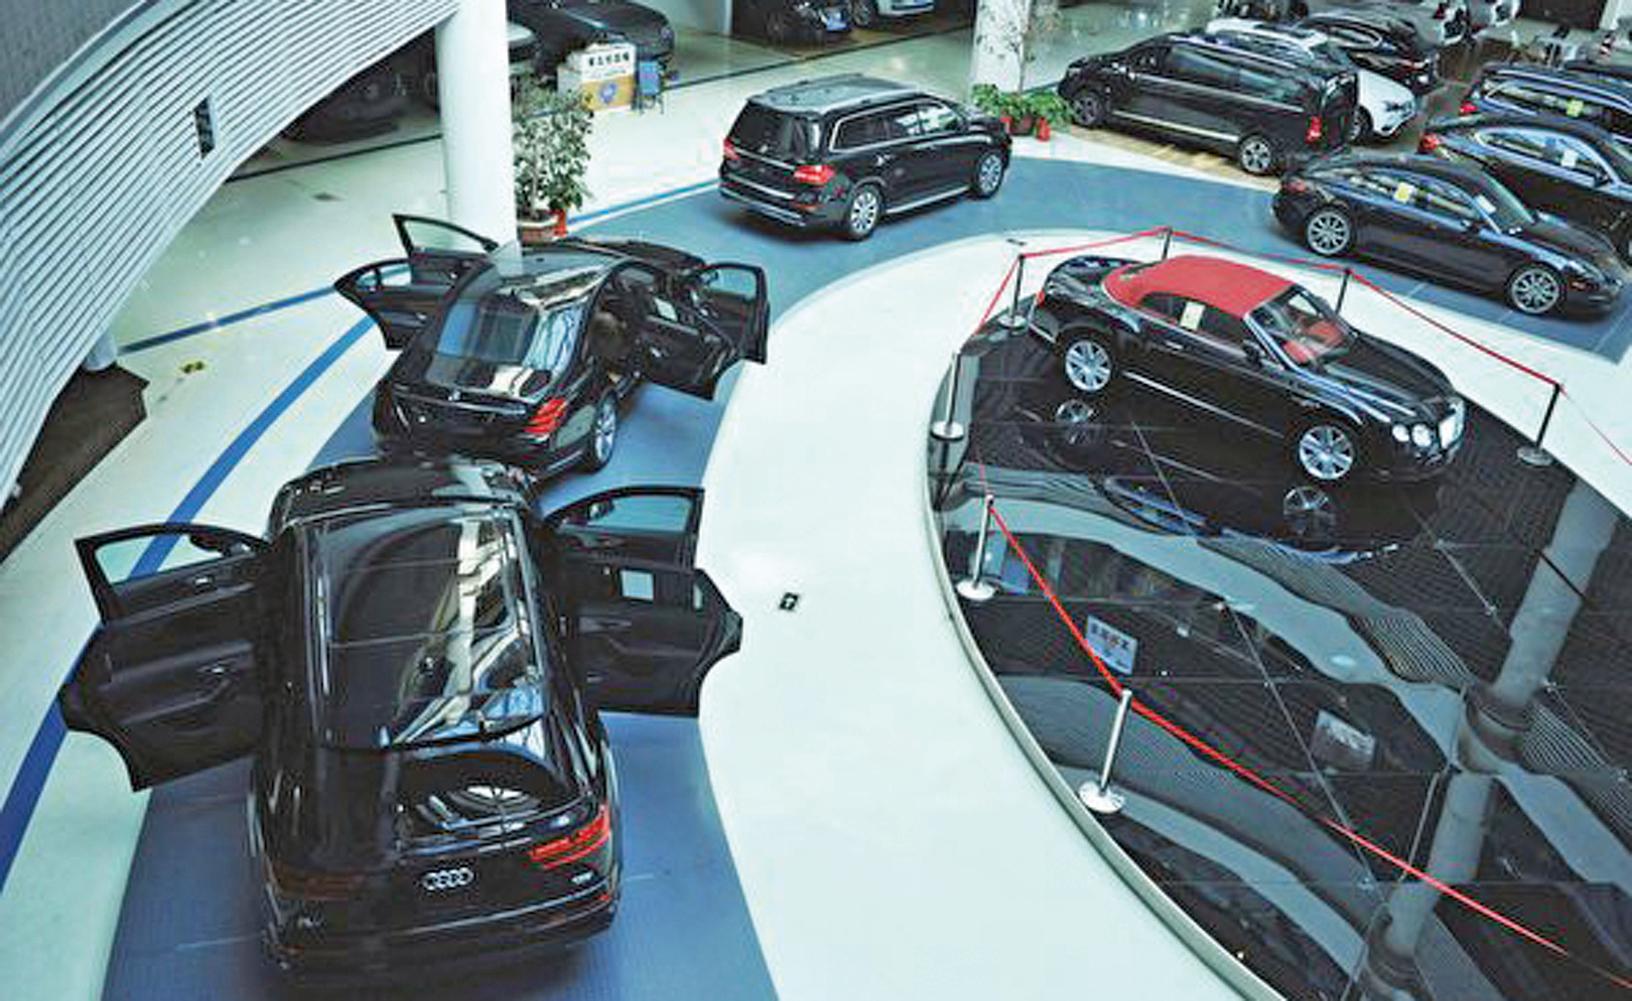 中共國務院宣佈4月1日起,對美國生產汽車仍暫停加徵報復性關稅。圖為2018年5月中國青島所展示的進口汽車。 (Getty Images)